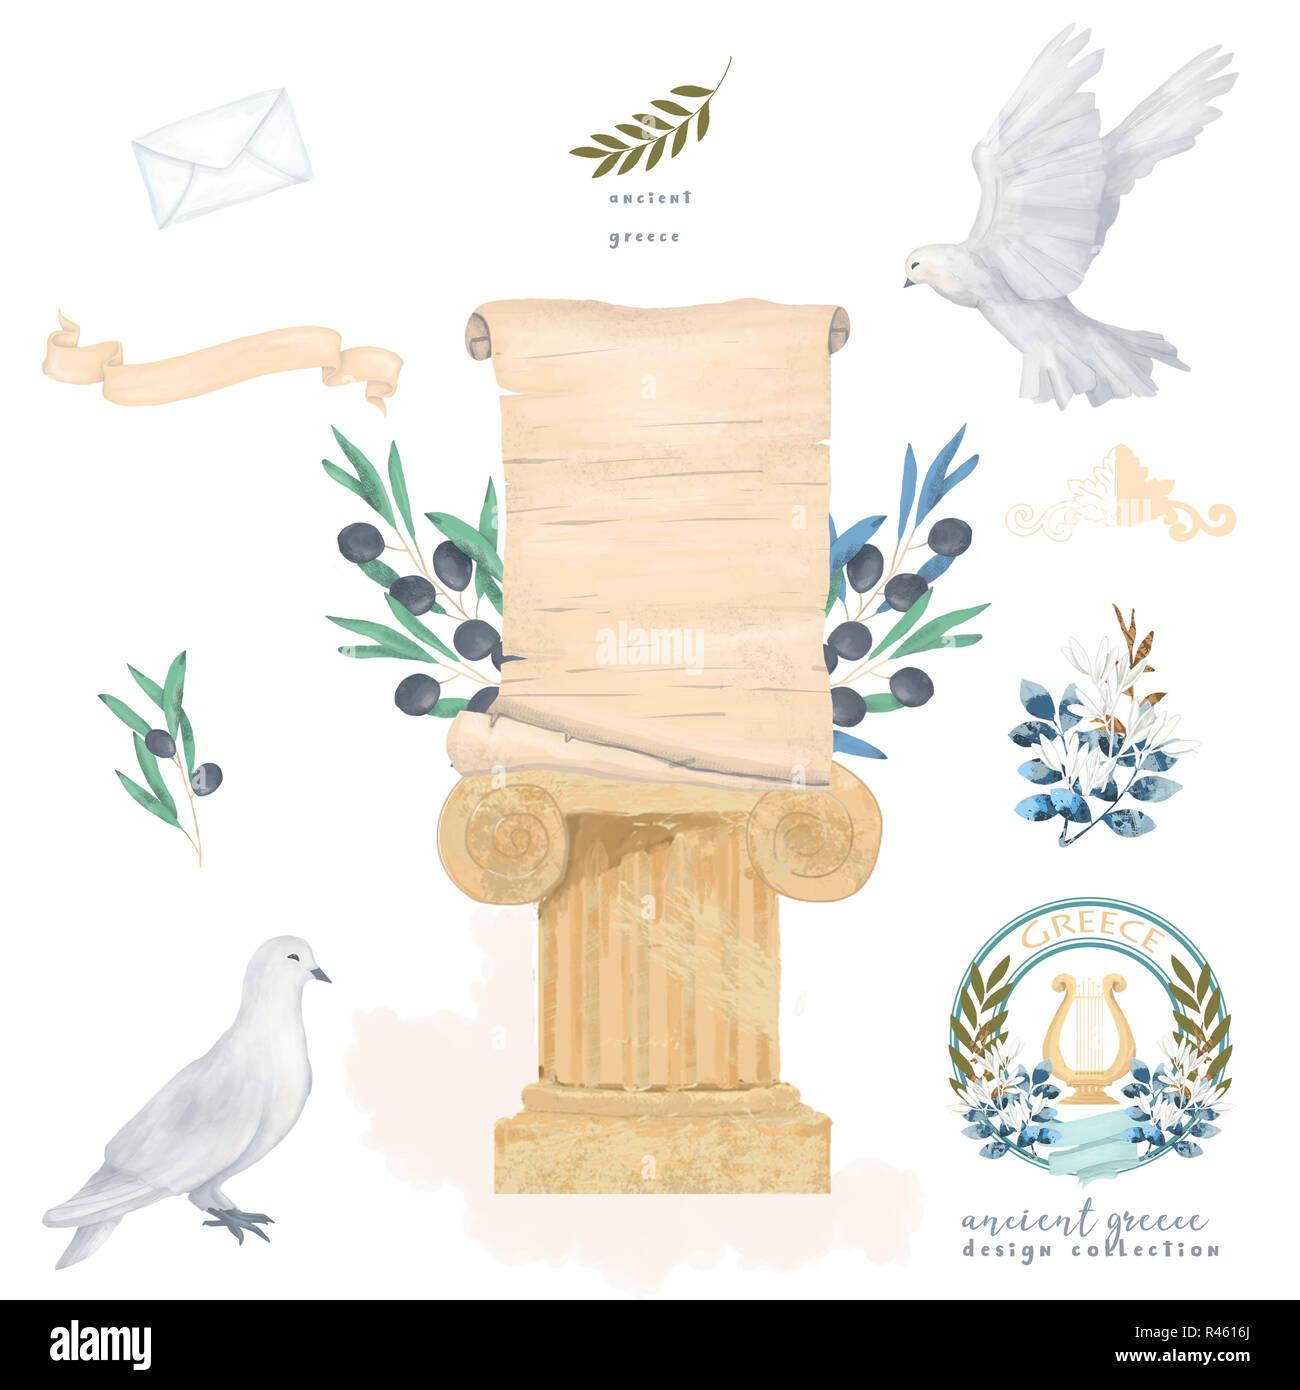 Piccione E Oliva Post Antichi Serie Vintage Disegno Carta